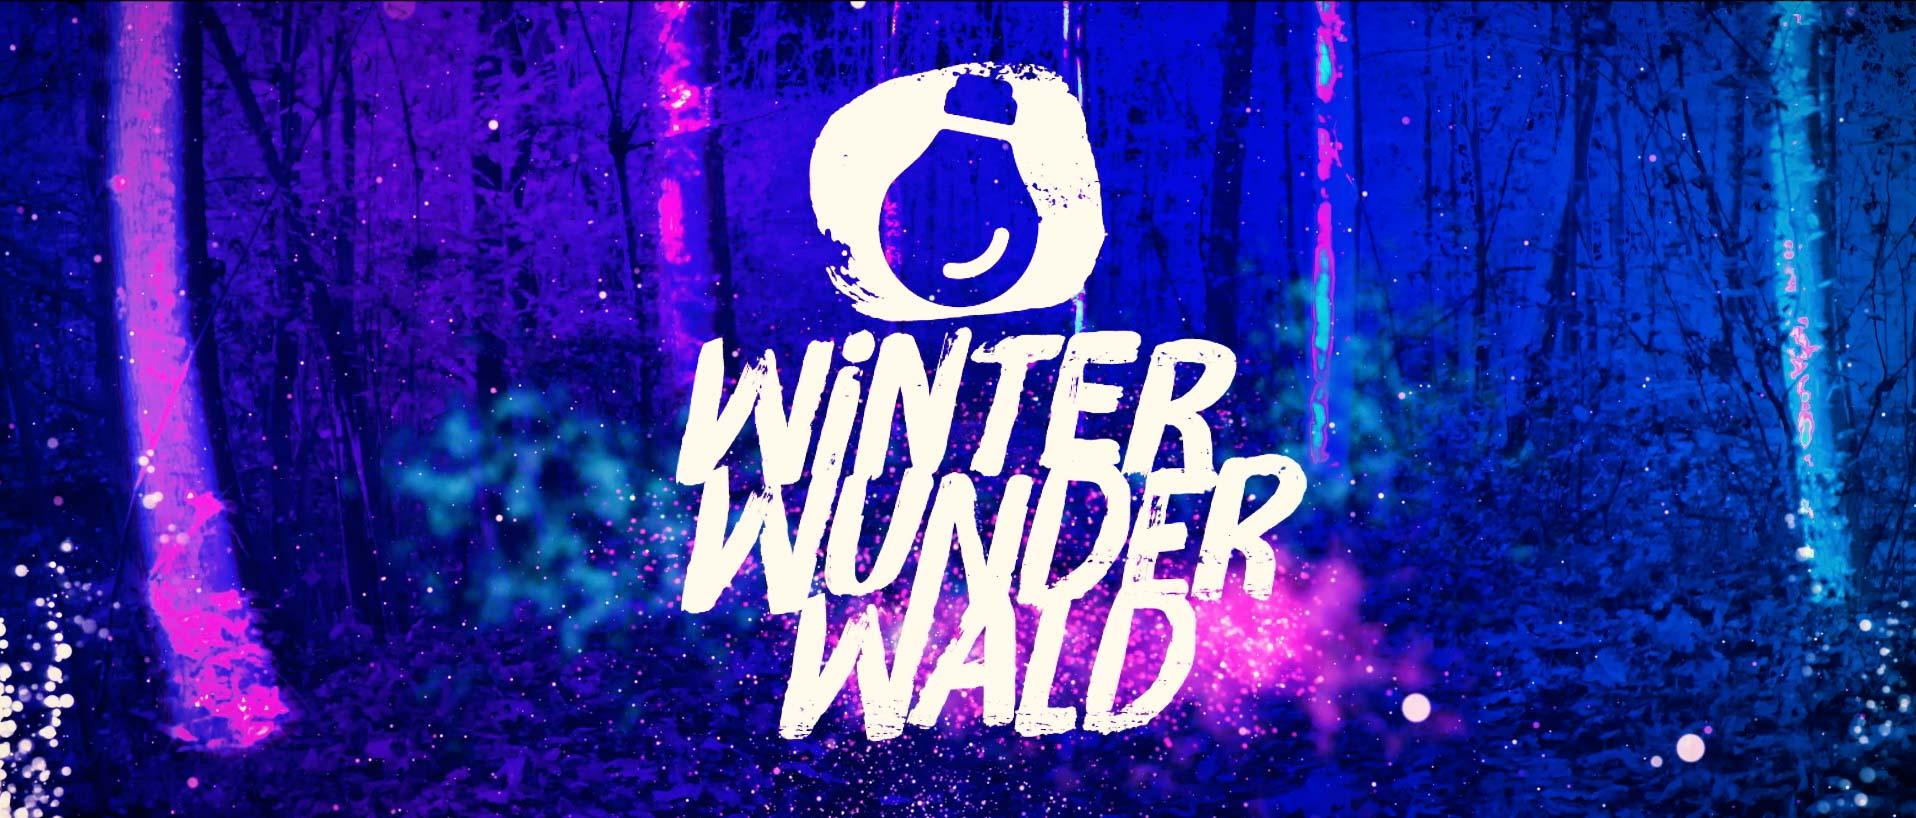 Winter Wunder Wald Teaser